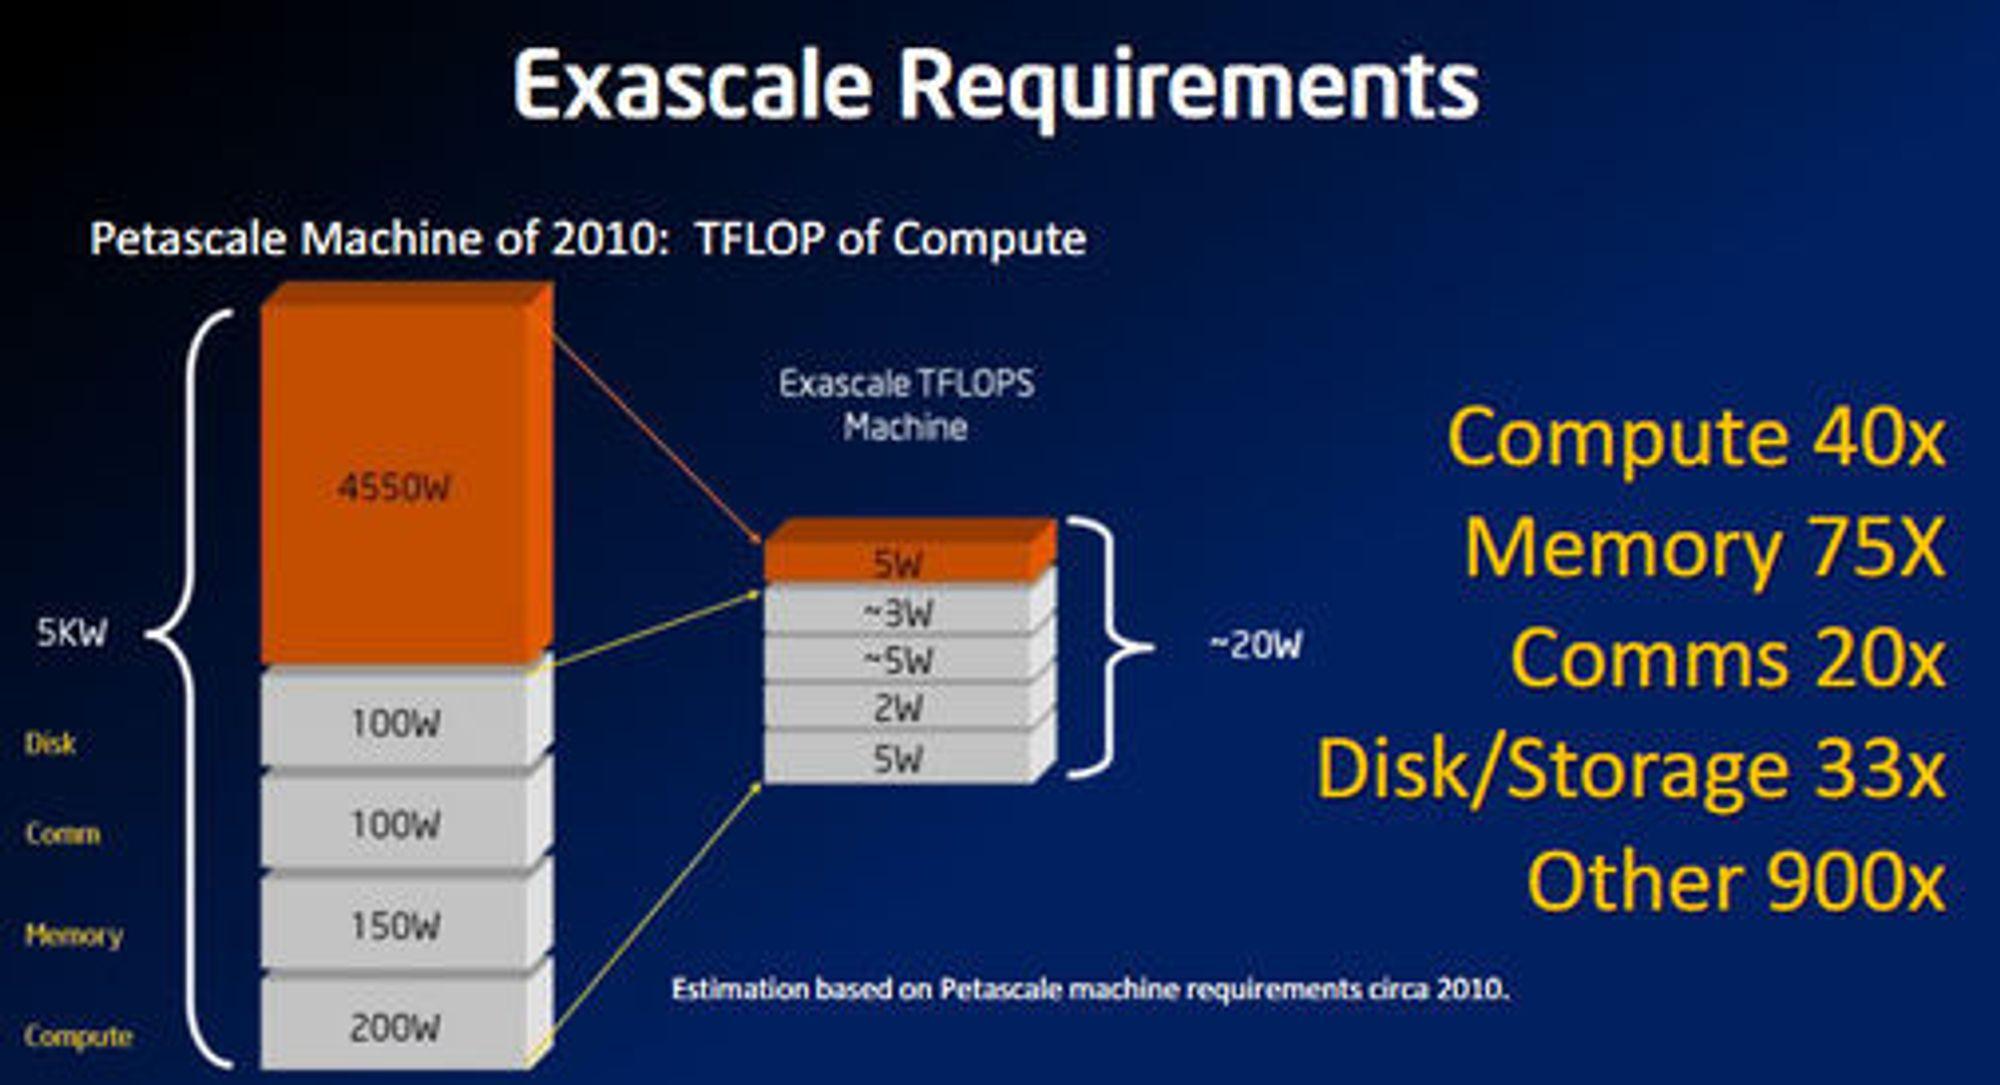 Kravene som Intel mener man må sette til energieffektivitet i datamaskiner for å kunne oppnå systemer med exaflops-ytelse.